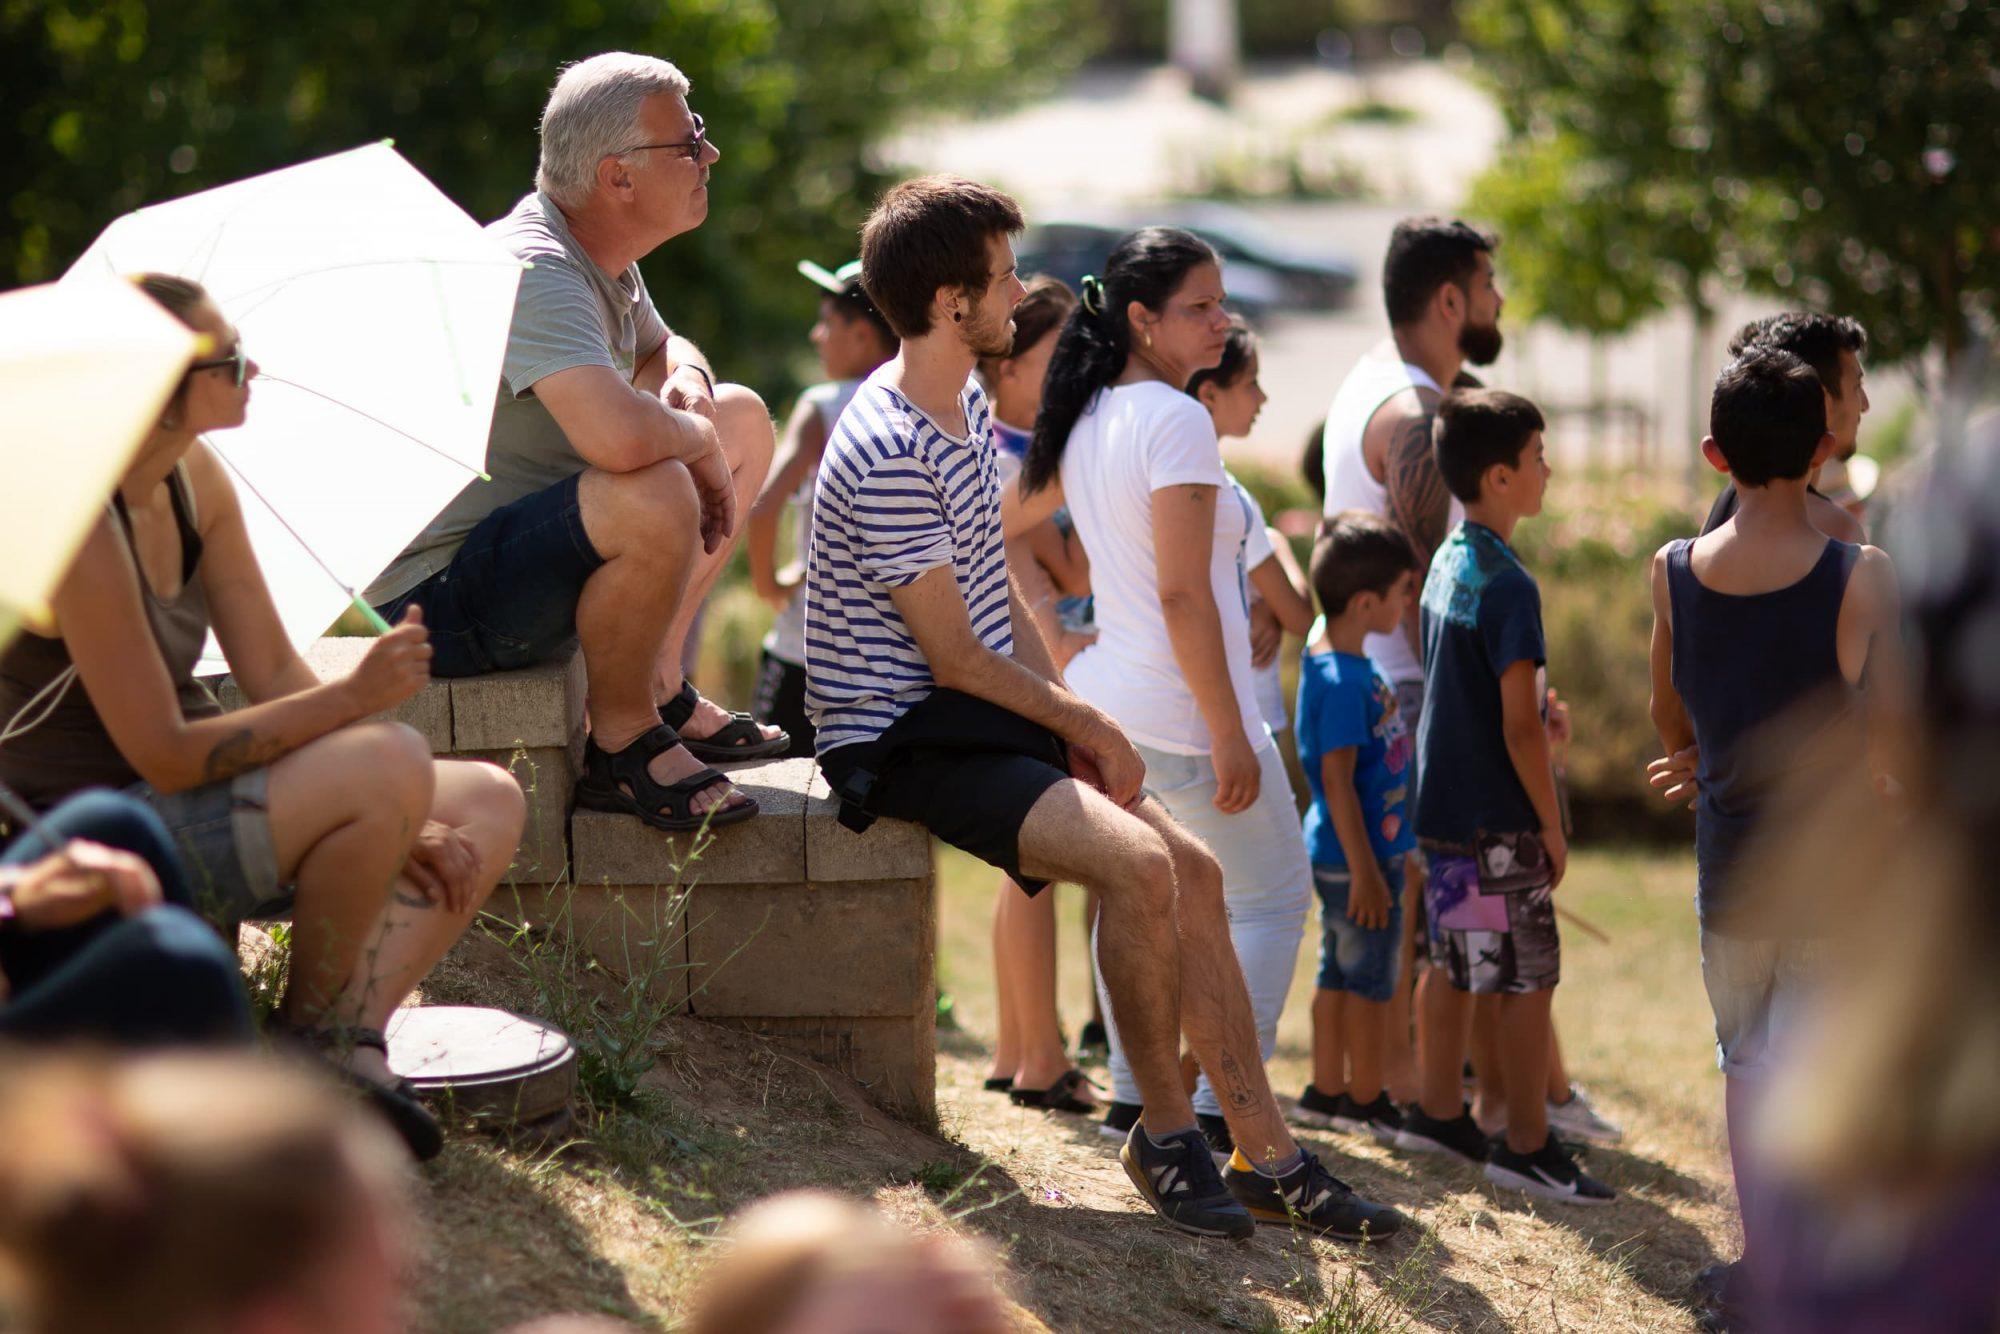 Aufmerksame Besucher in bei einer Vorstellung des Zirkus Upsala in Zeitz